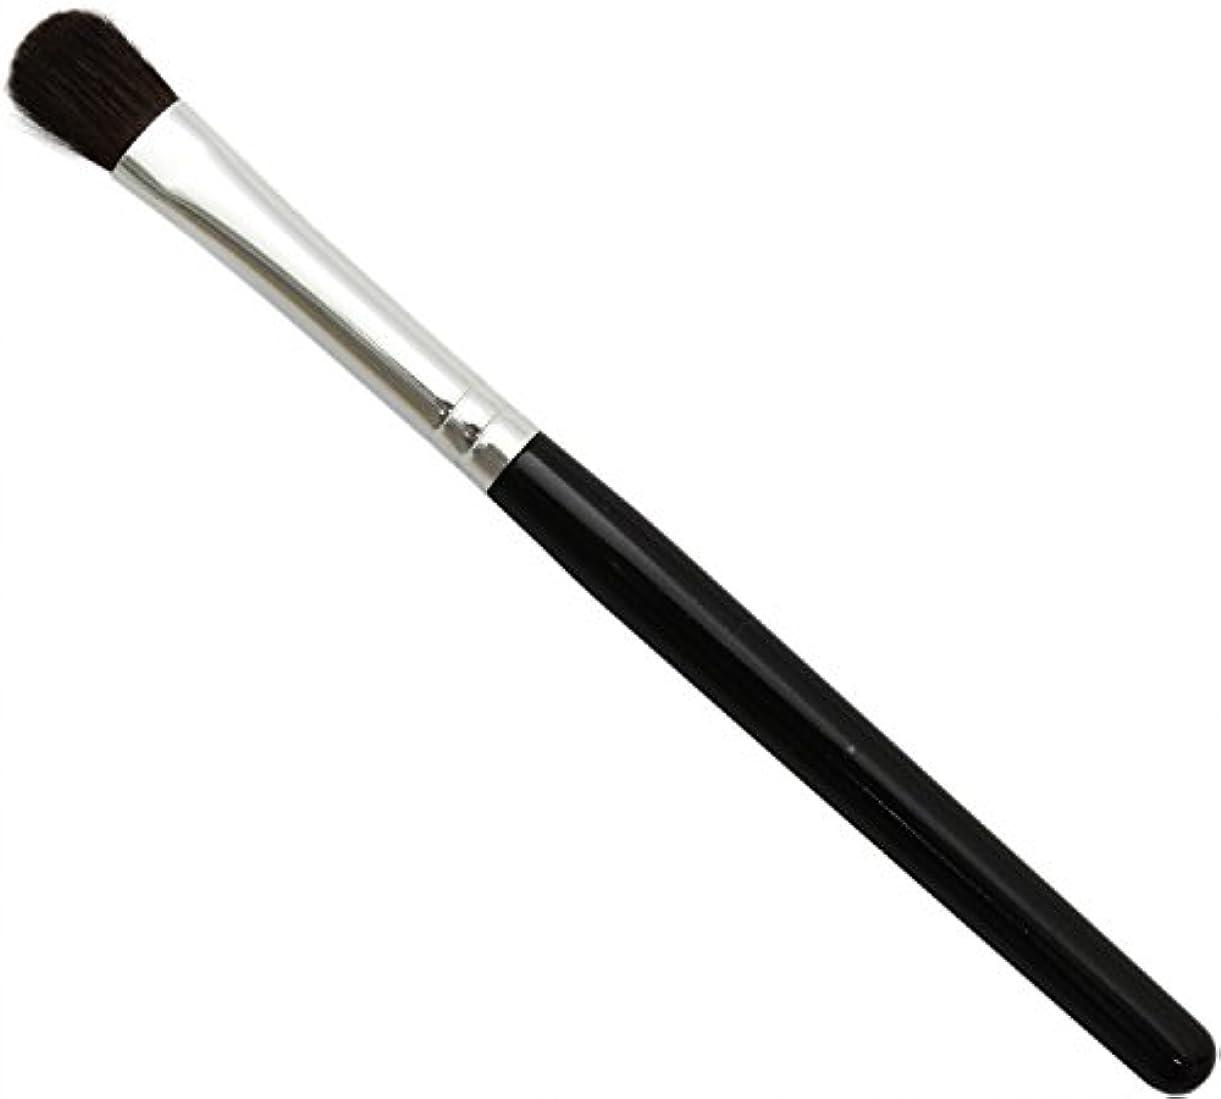 独立した想像力豊かな仕立て屋熊野筆 メイクブラシ KUシリーズ アイシャドウブラシ 小 馬毛